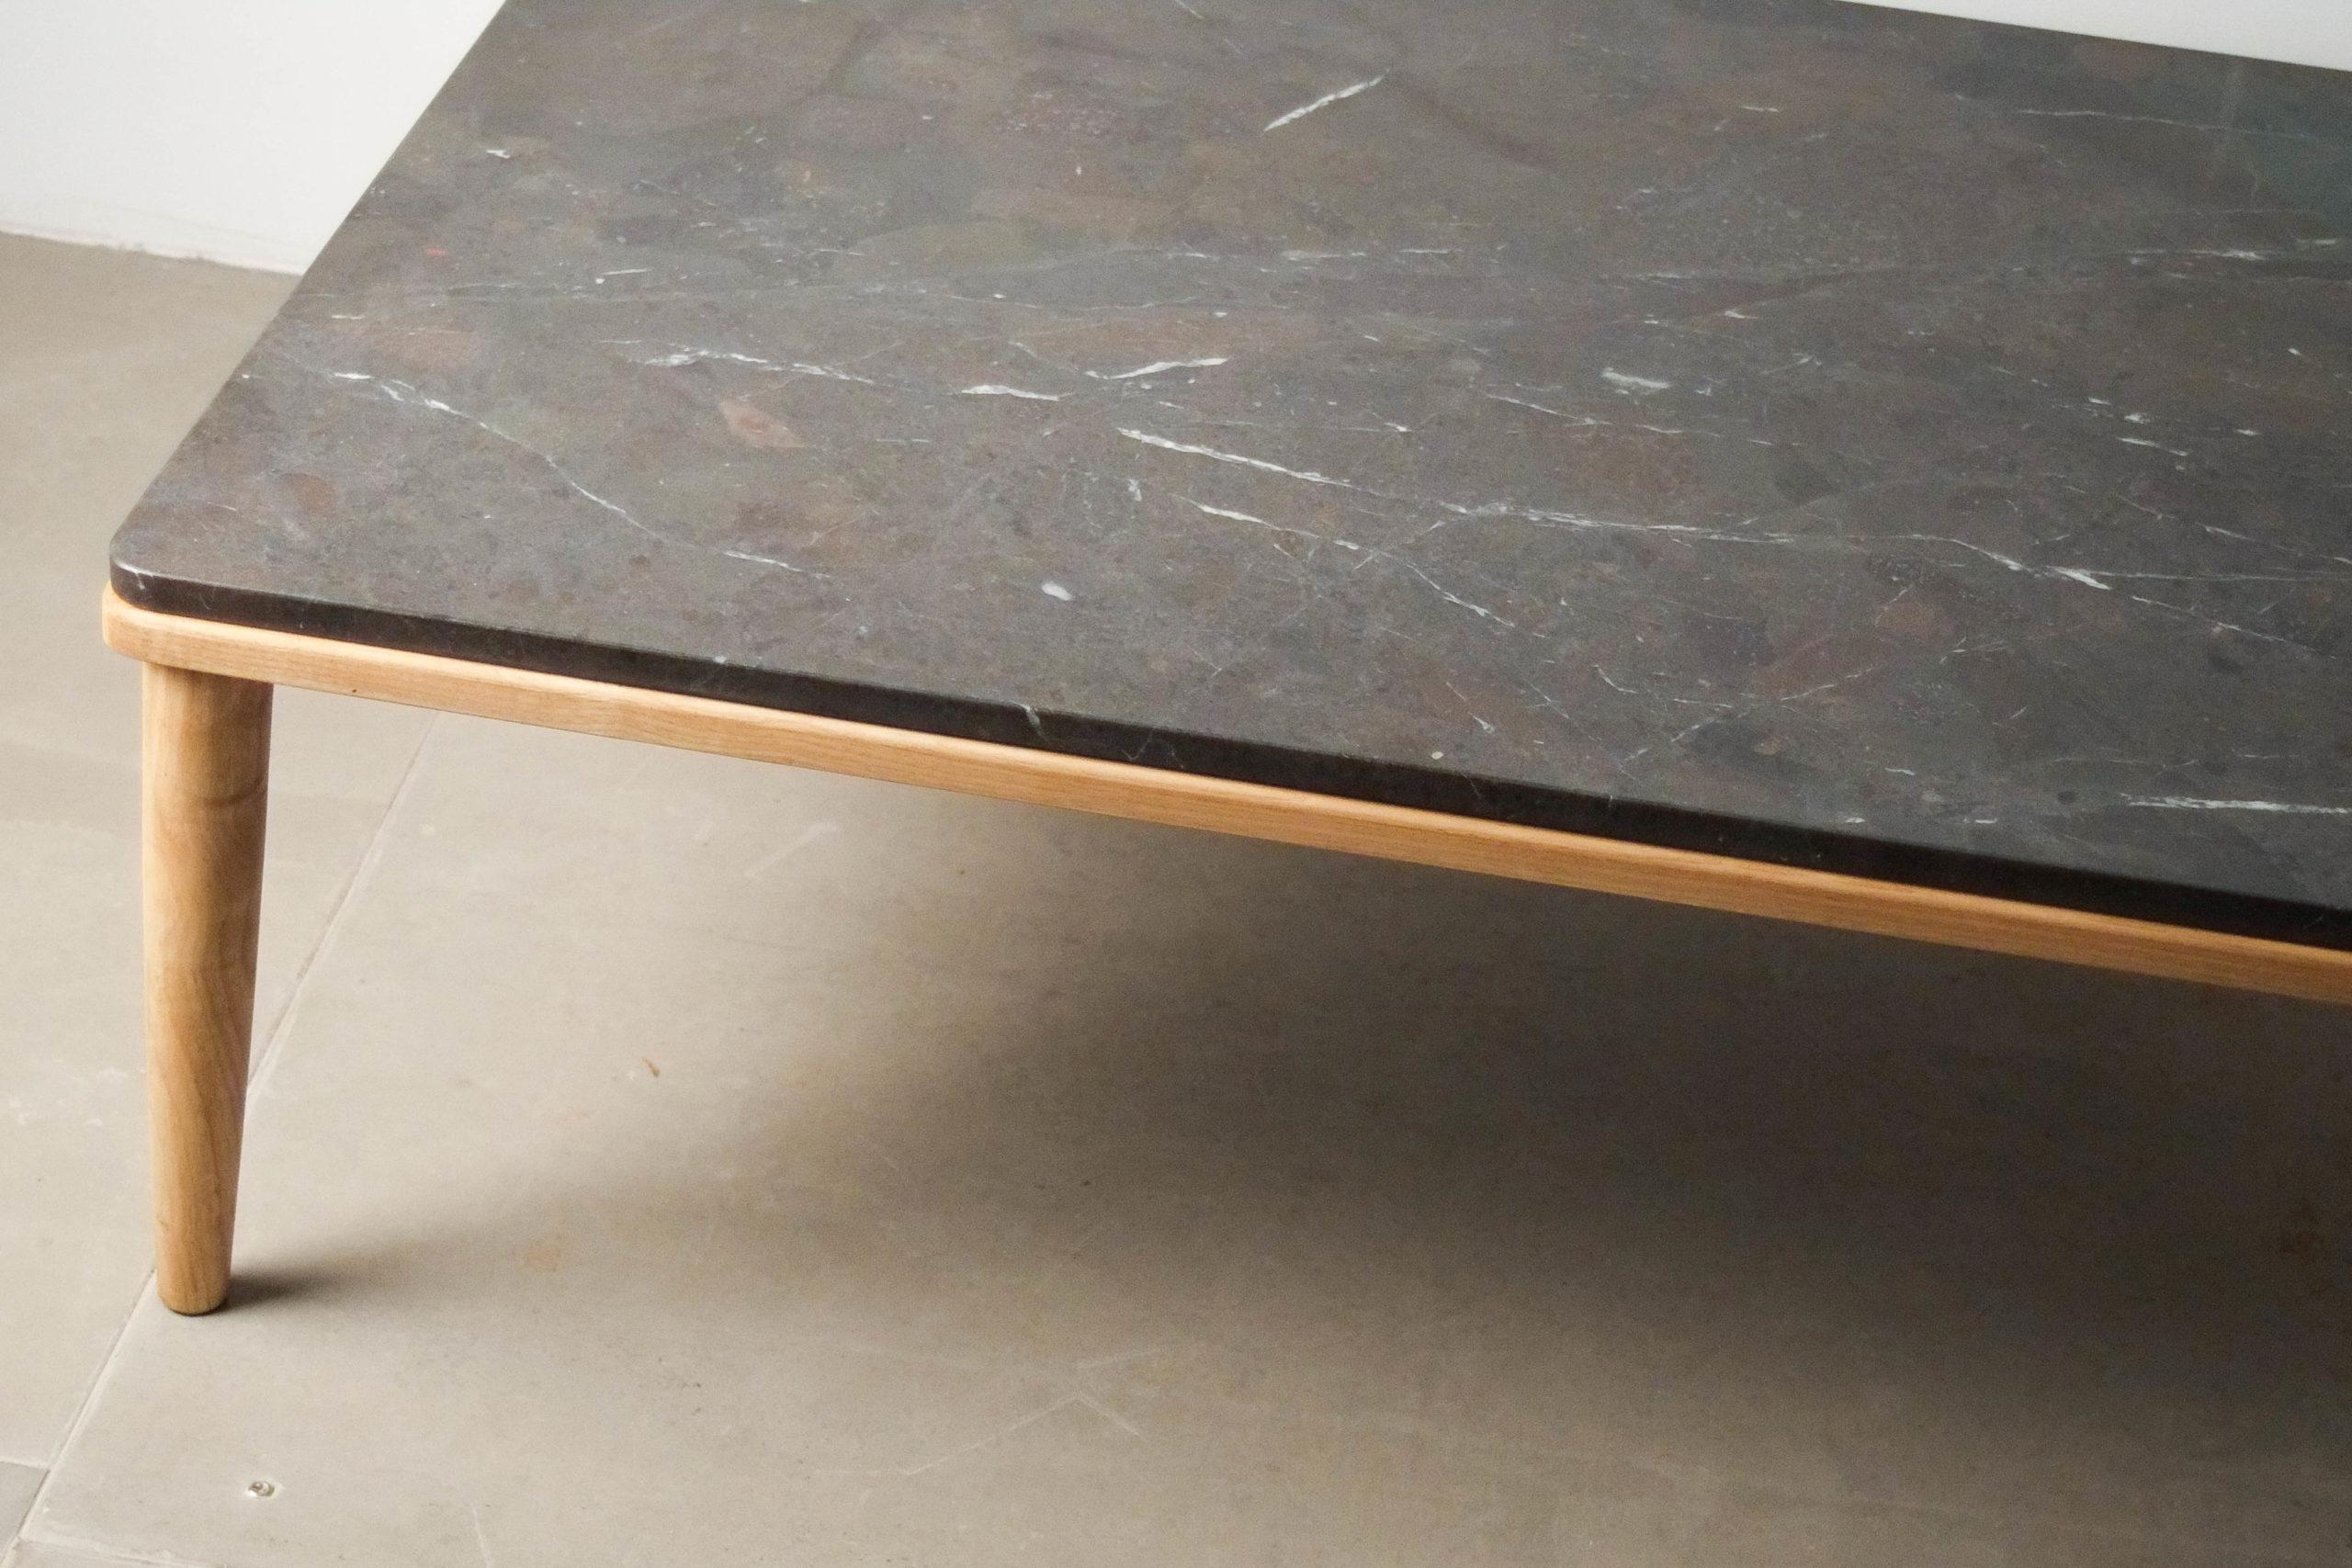 detalle mesa madera marmol calidad hecha a mano pata